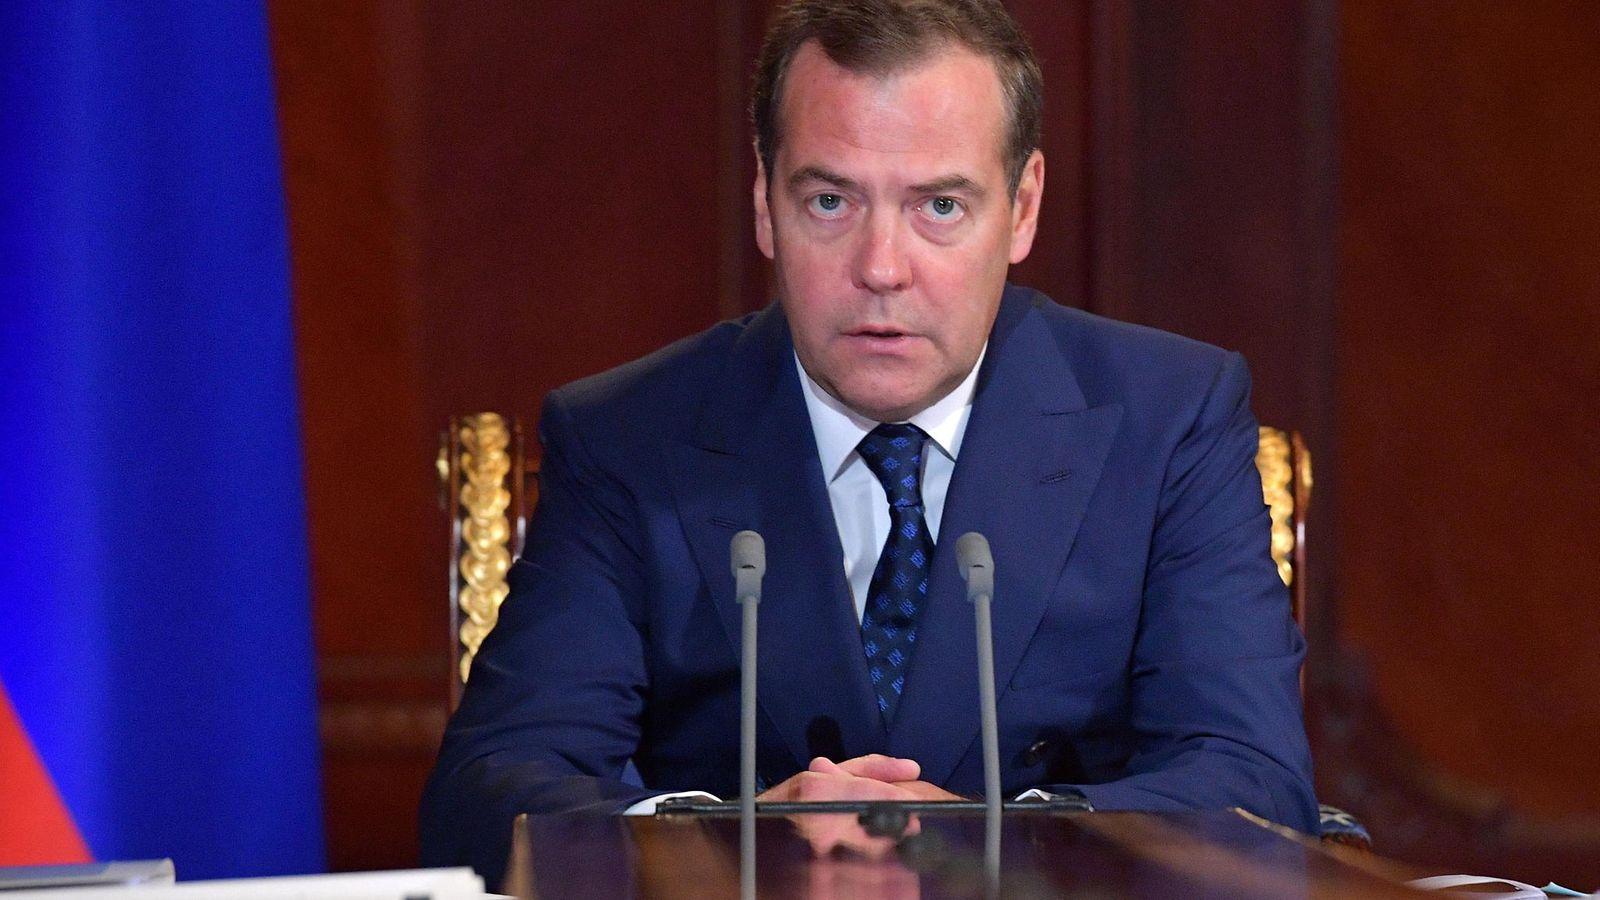 Venäjän pääministeri Medvedev soitti onnittelupuhelun pääministeri Rinteelle – kutsui myös vierailulle Moskovaan